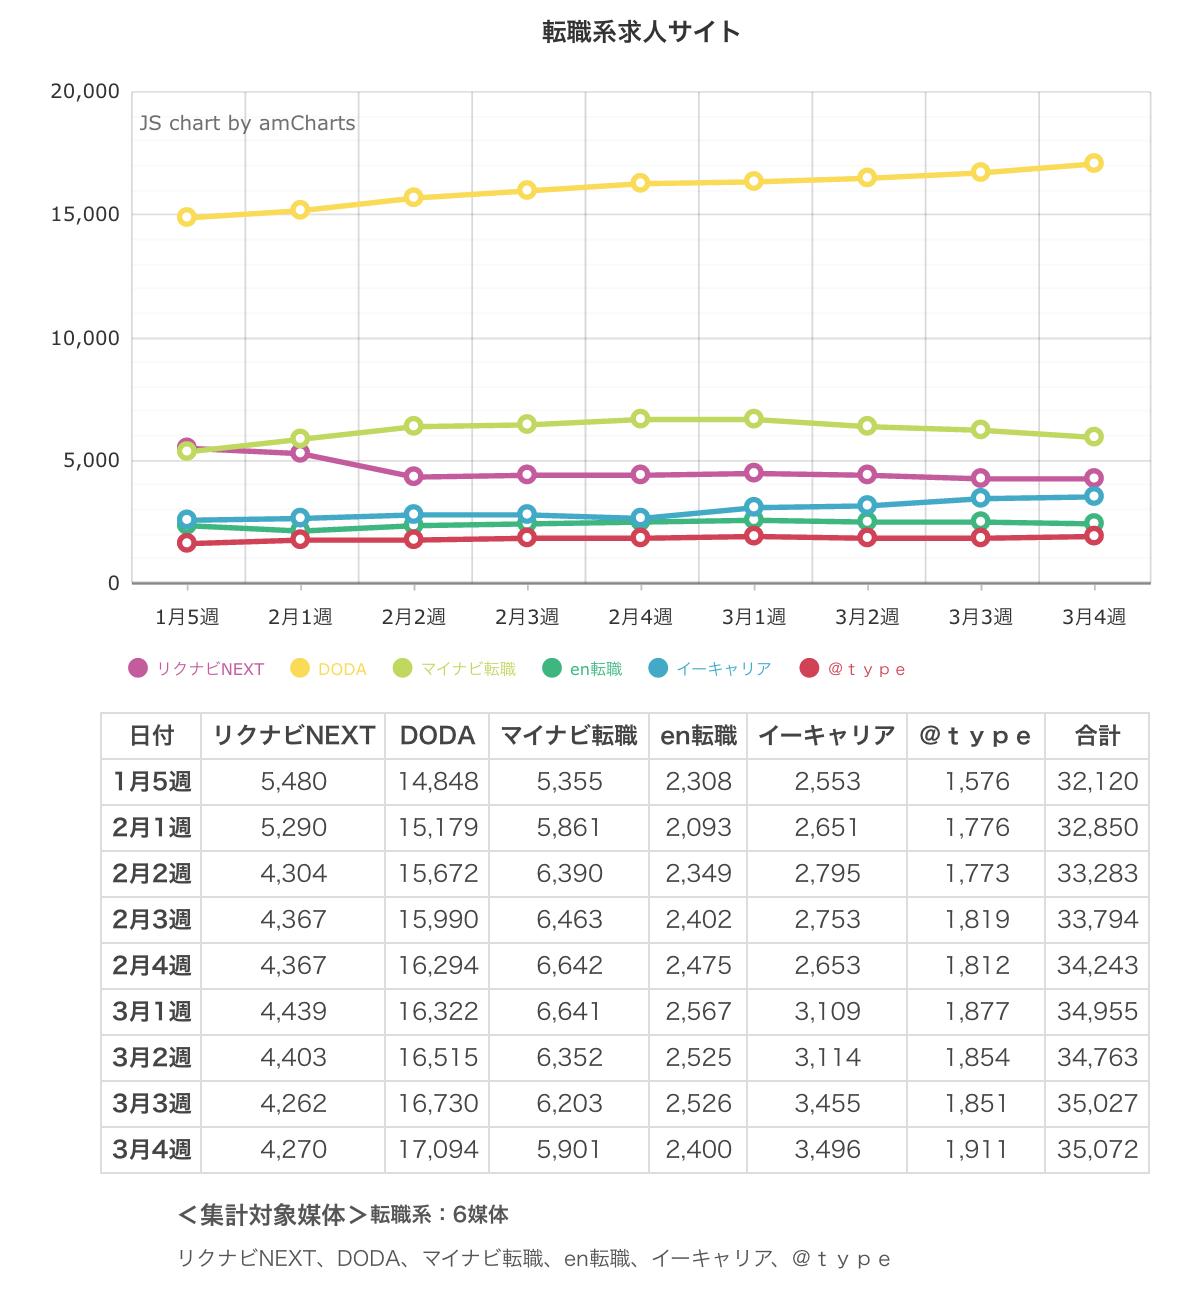 ウィークリー求人サイト掲載件数速報 2015年3月4週